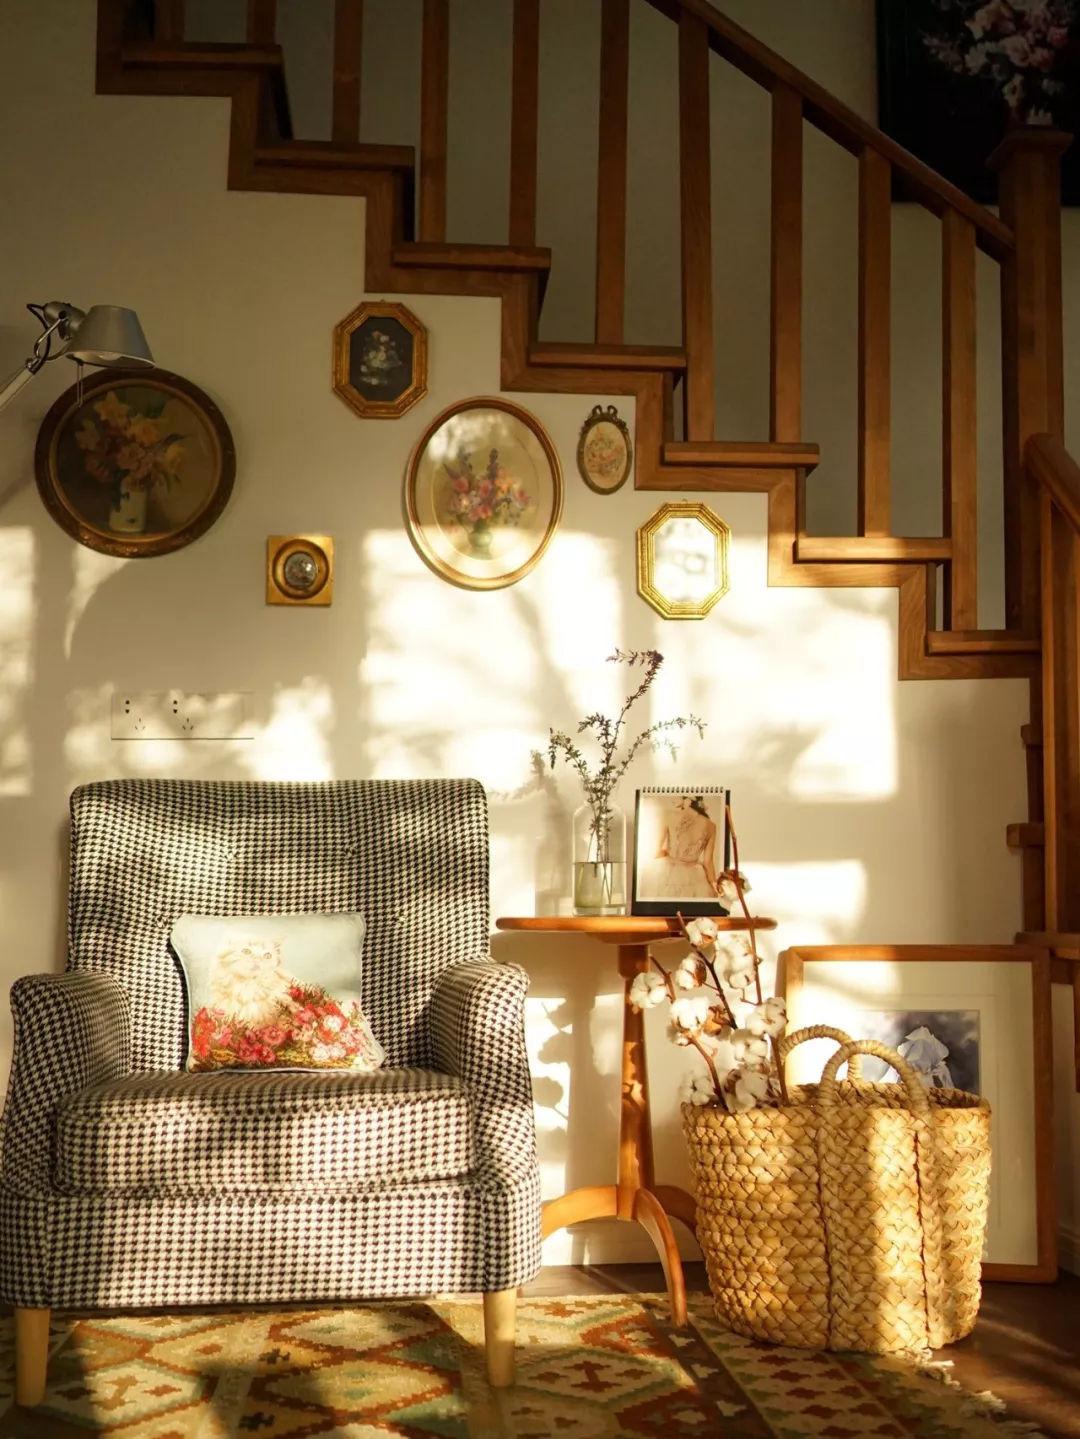 Hình ảnh góc đọc sách với ghế bành bọc nệm kẻ caro, bàn trà gỗ hình tròn, giỏ cói đan, tranh treo tường